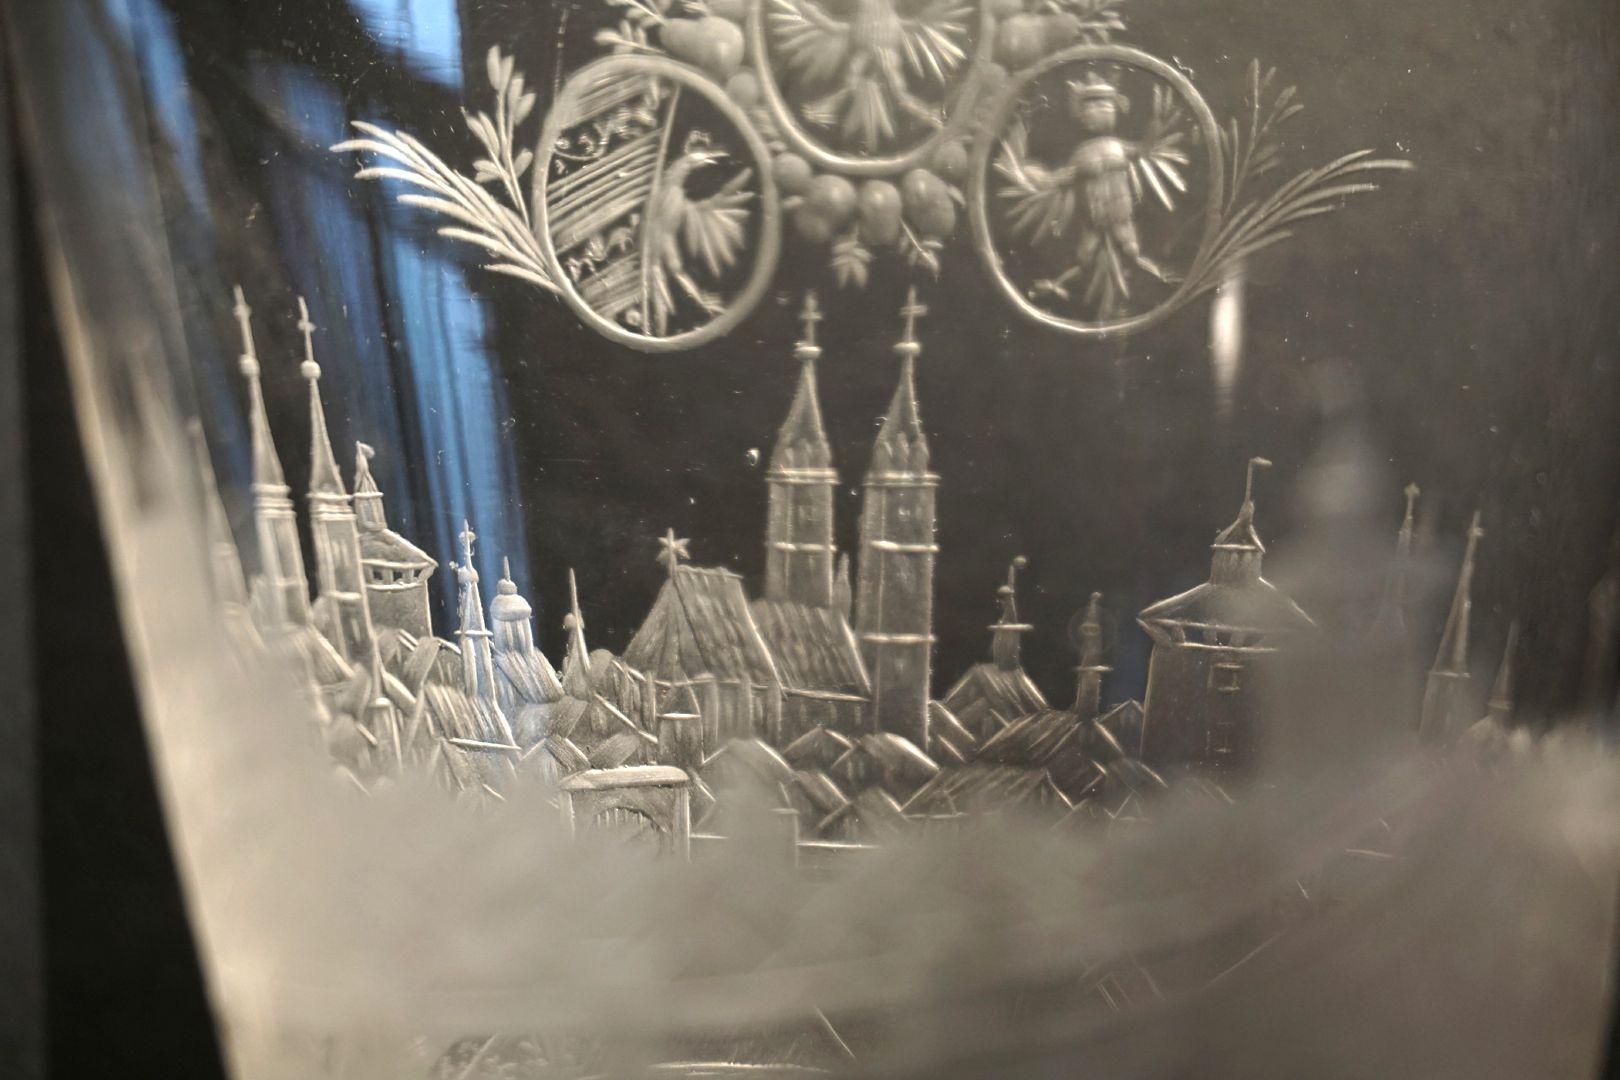 Barocker Glaspokal mit Nürnberg-Panorama Betrachtung durch beide Glaswände auf Wappendreiverein und Sankt Lorenz